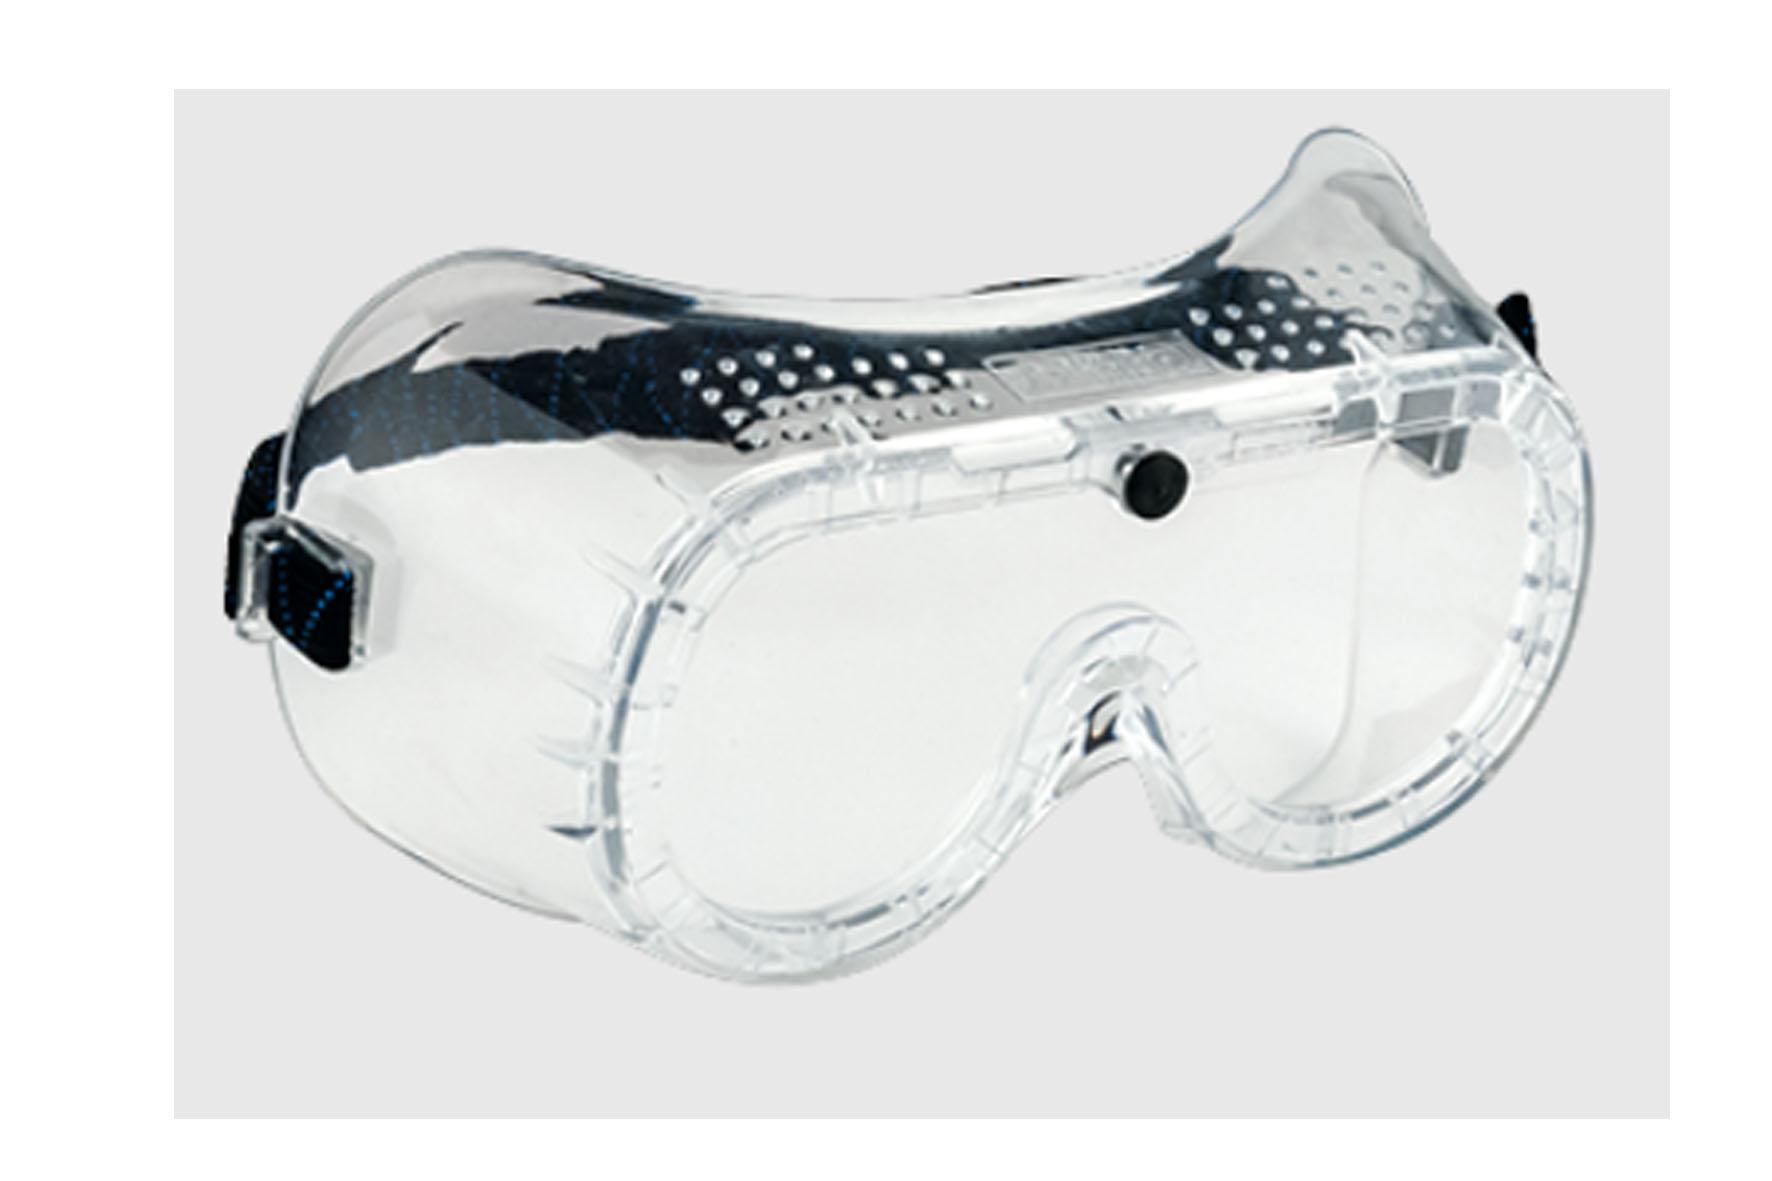 lunettes de securit brico achat en ligne ou dans notre magasin. Black Bedroom Furniture Sets. Home Design Ideas